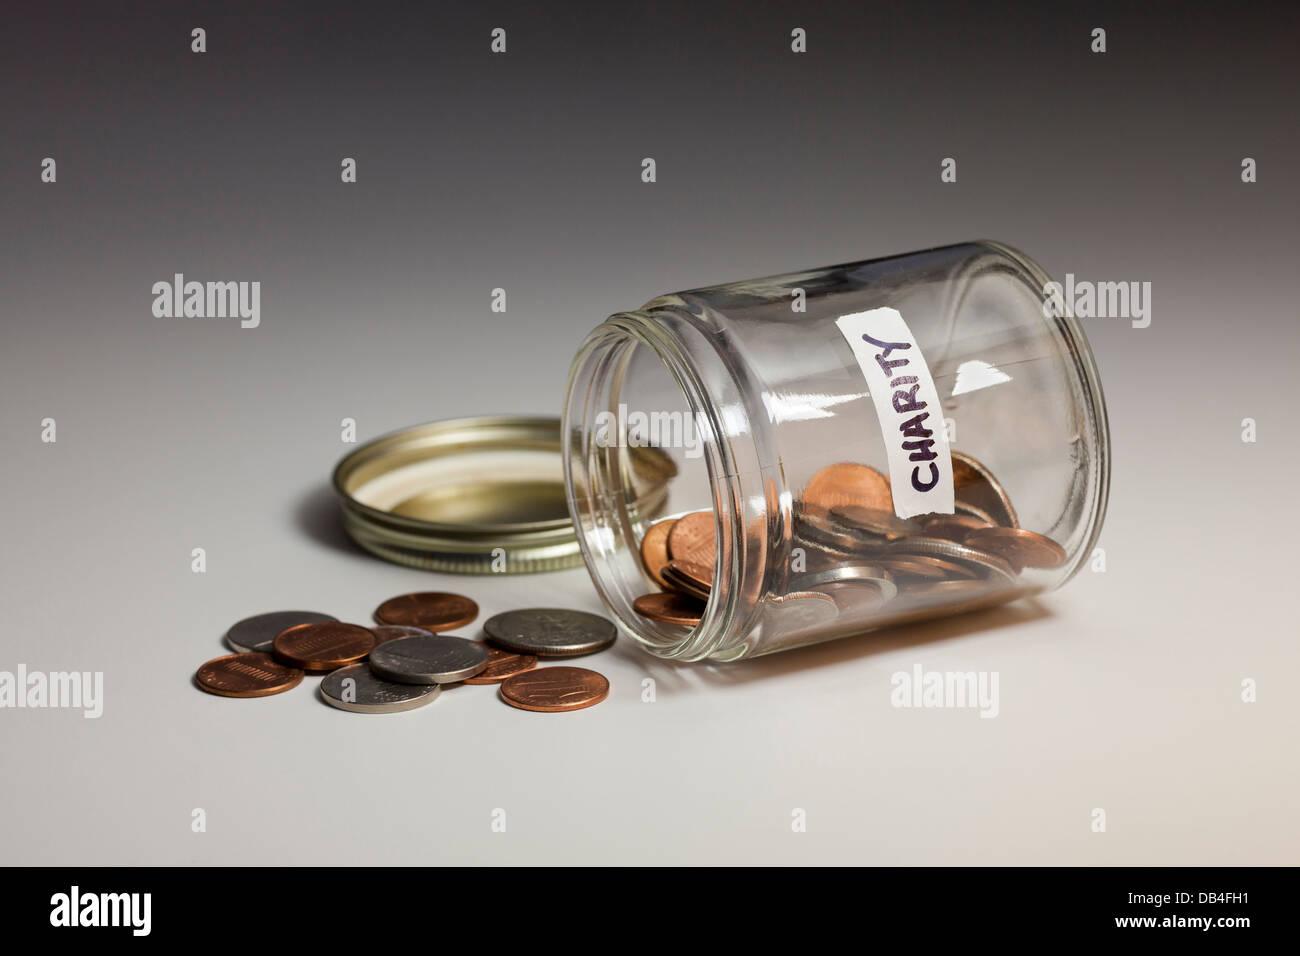 Verschüttete Glas von Münzen für einen guten Zweck - USA gespeichert Stockbild